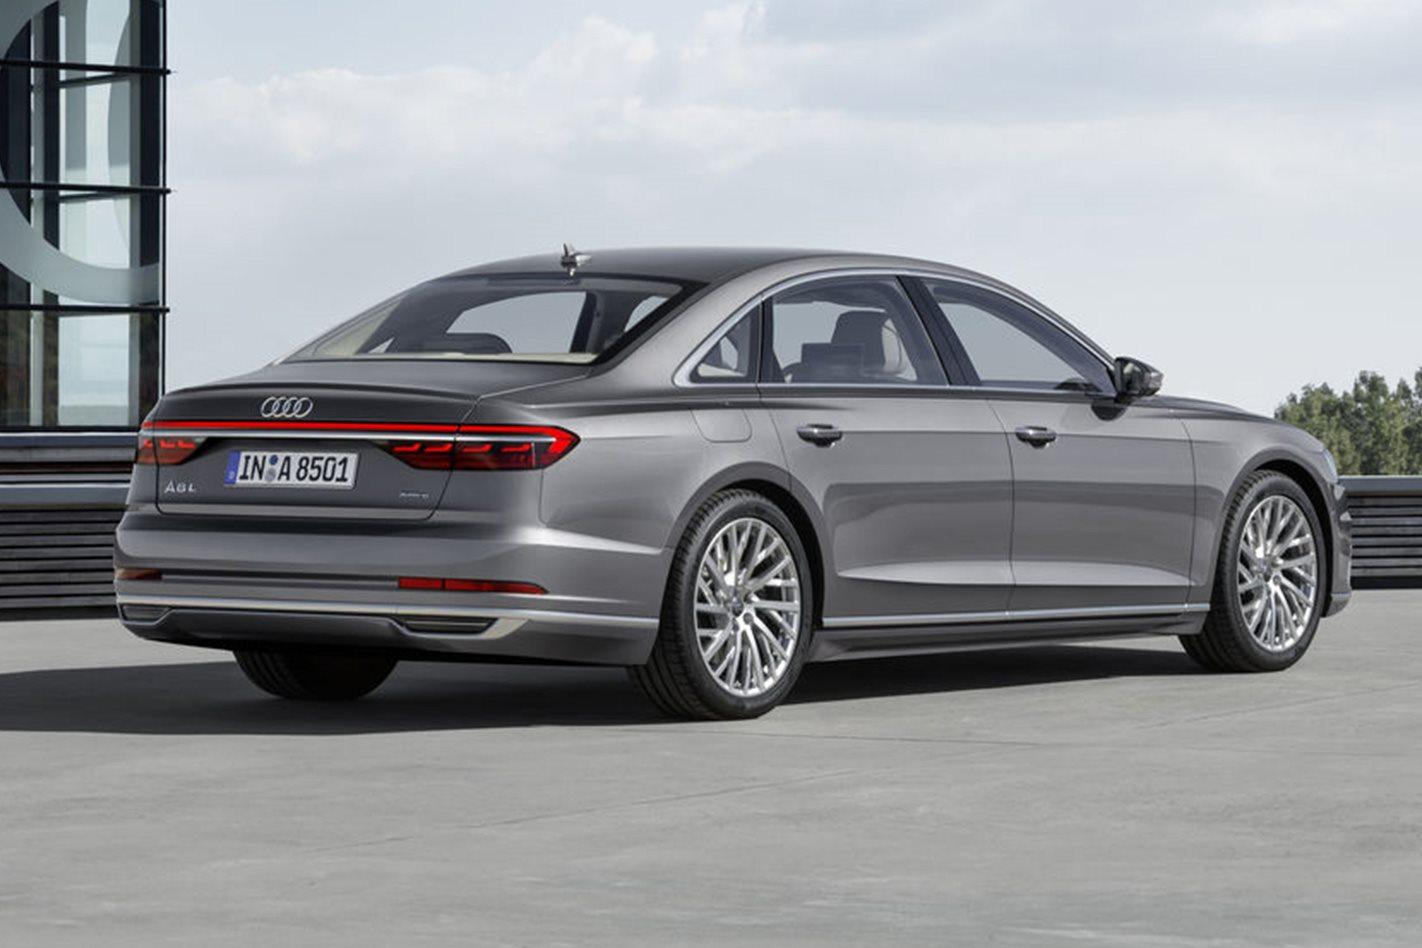 2018 Audi A8 rear